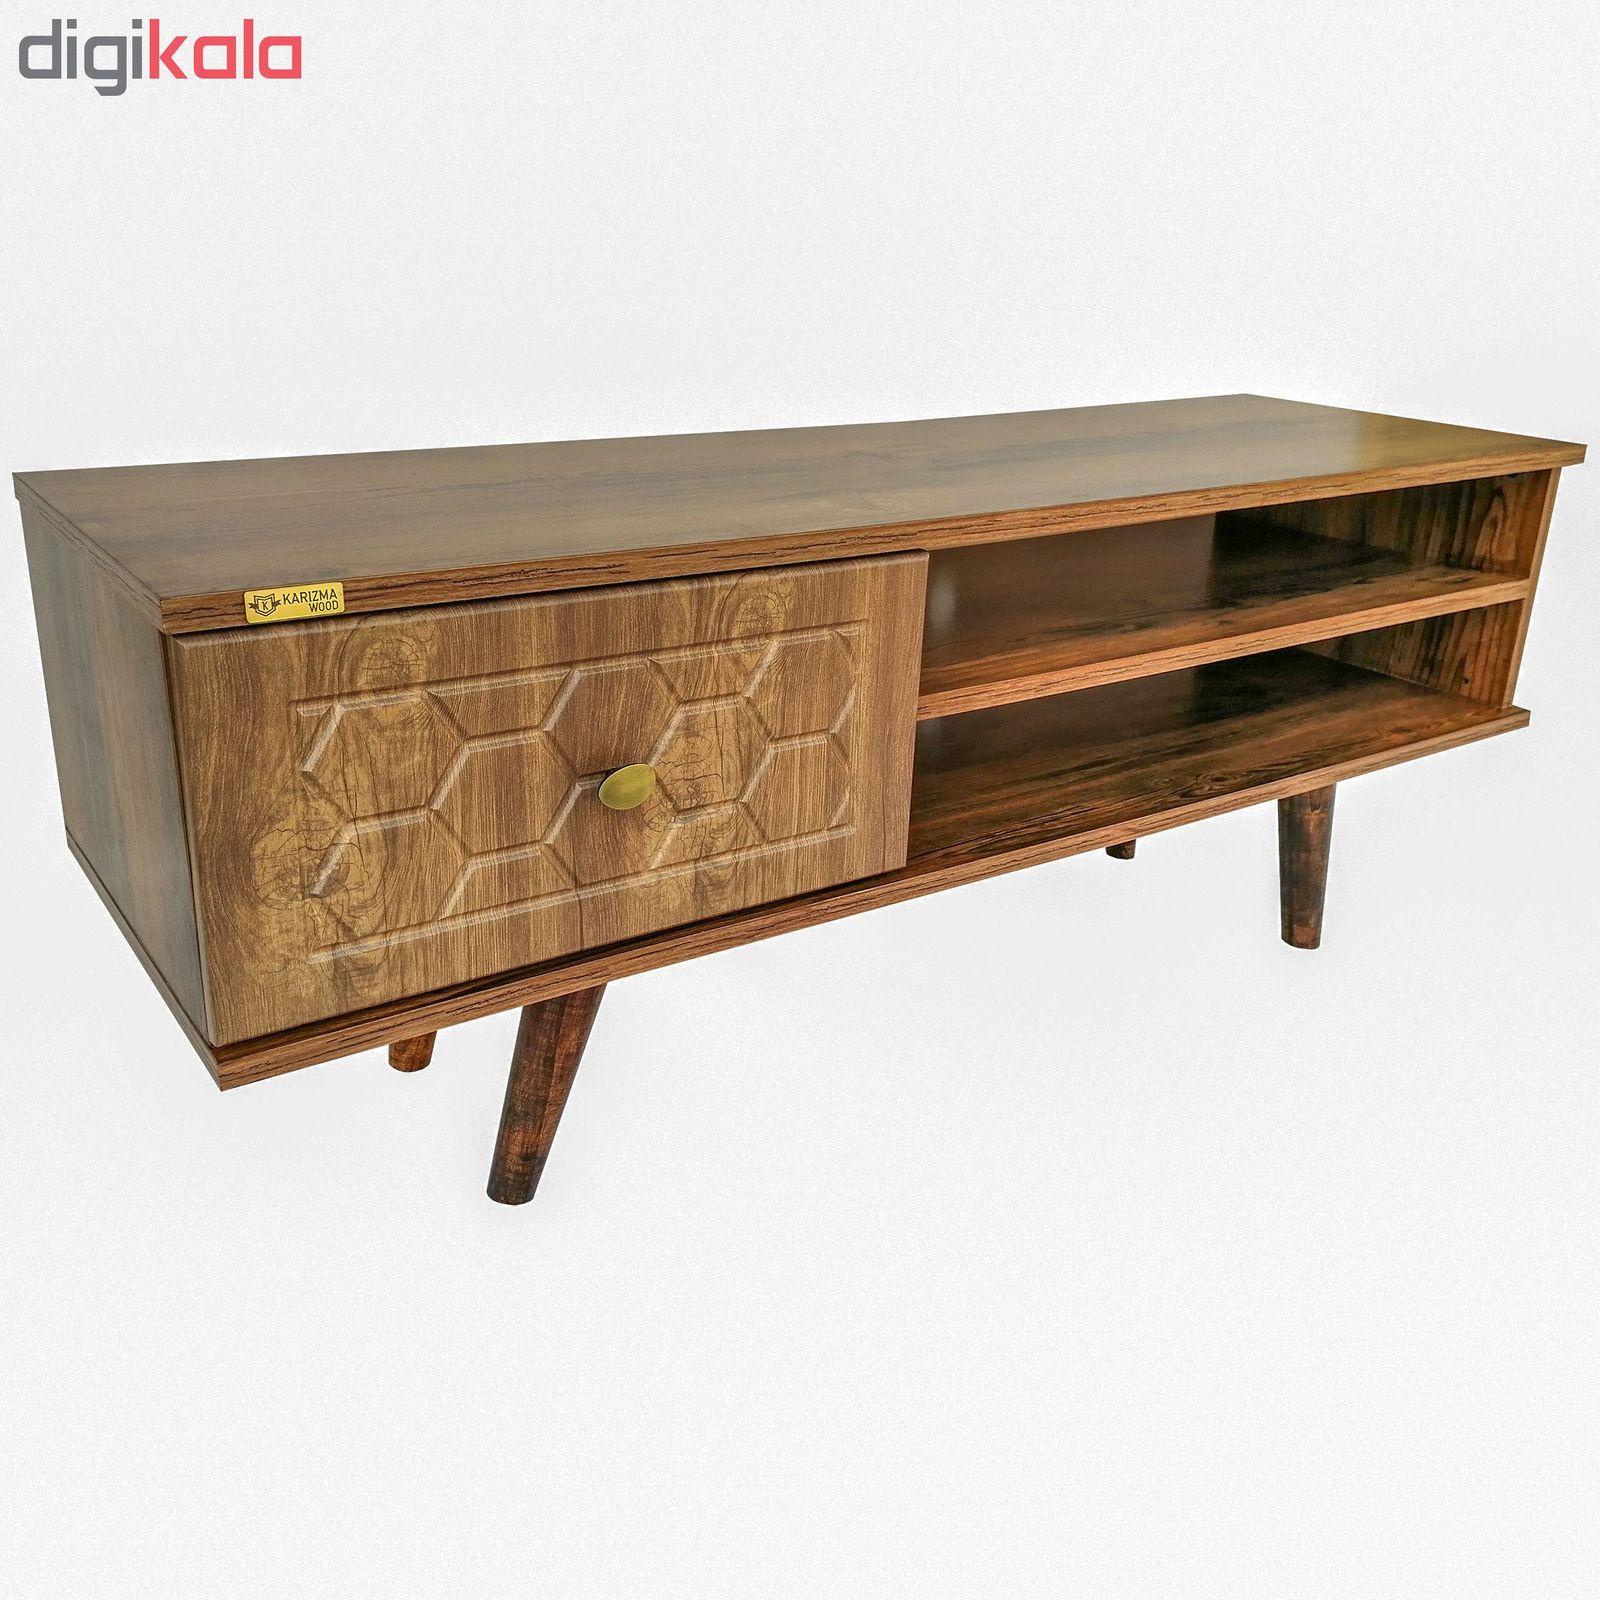 میز تلویزیون کاریزما وود مدل A205 main 1 1